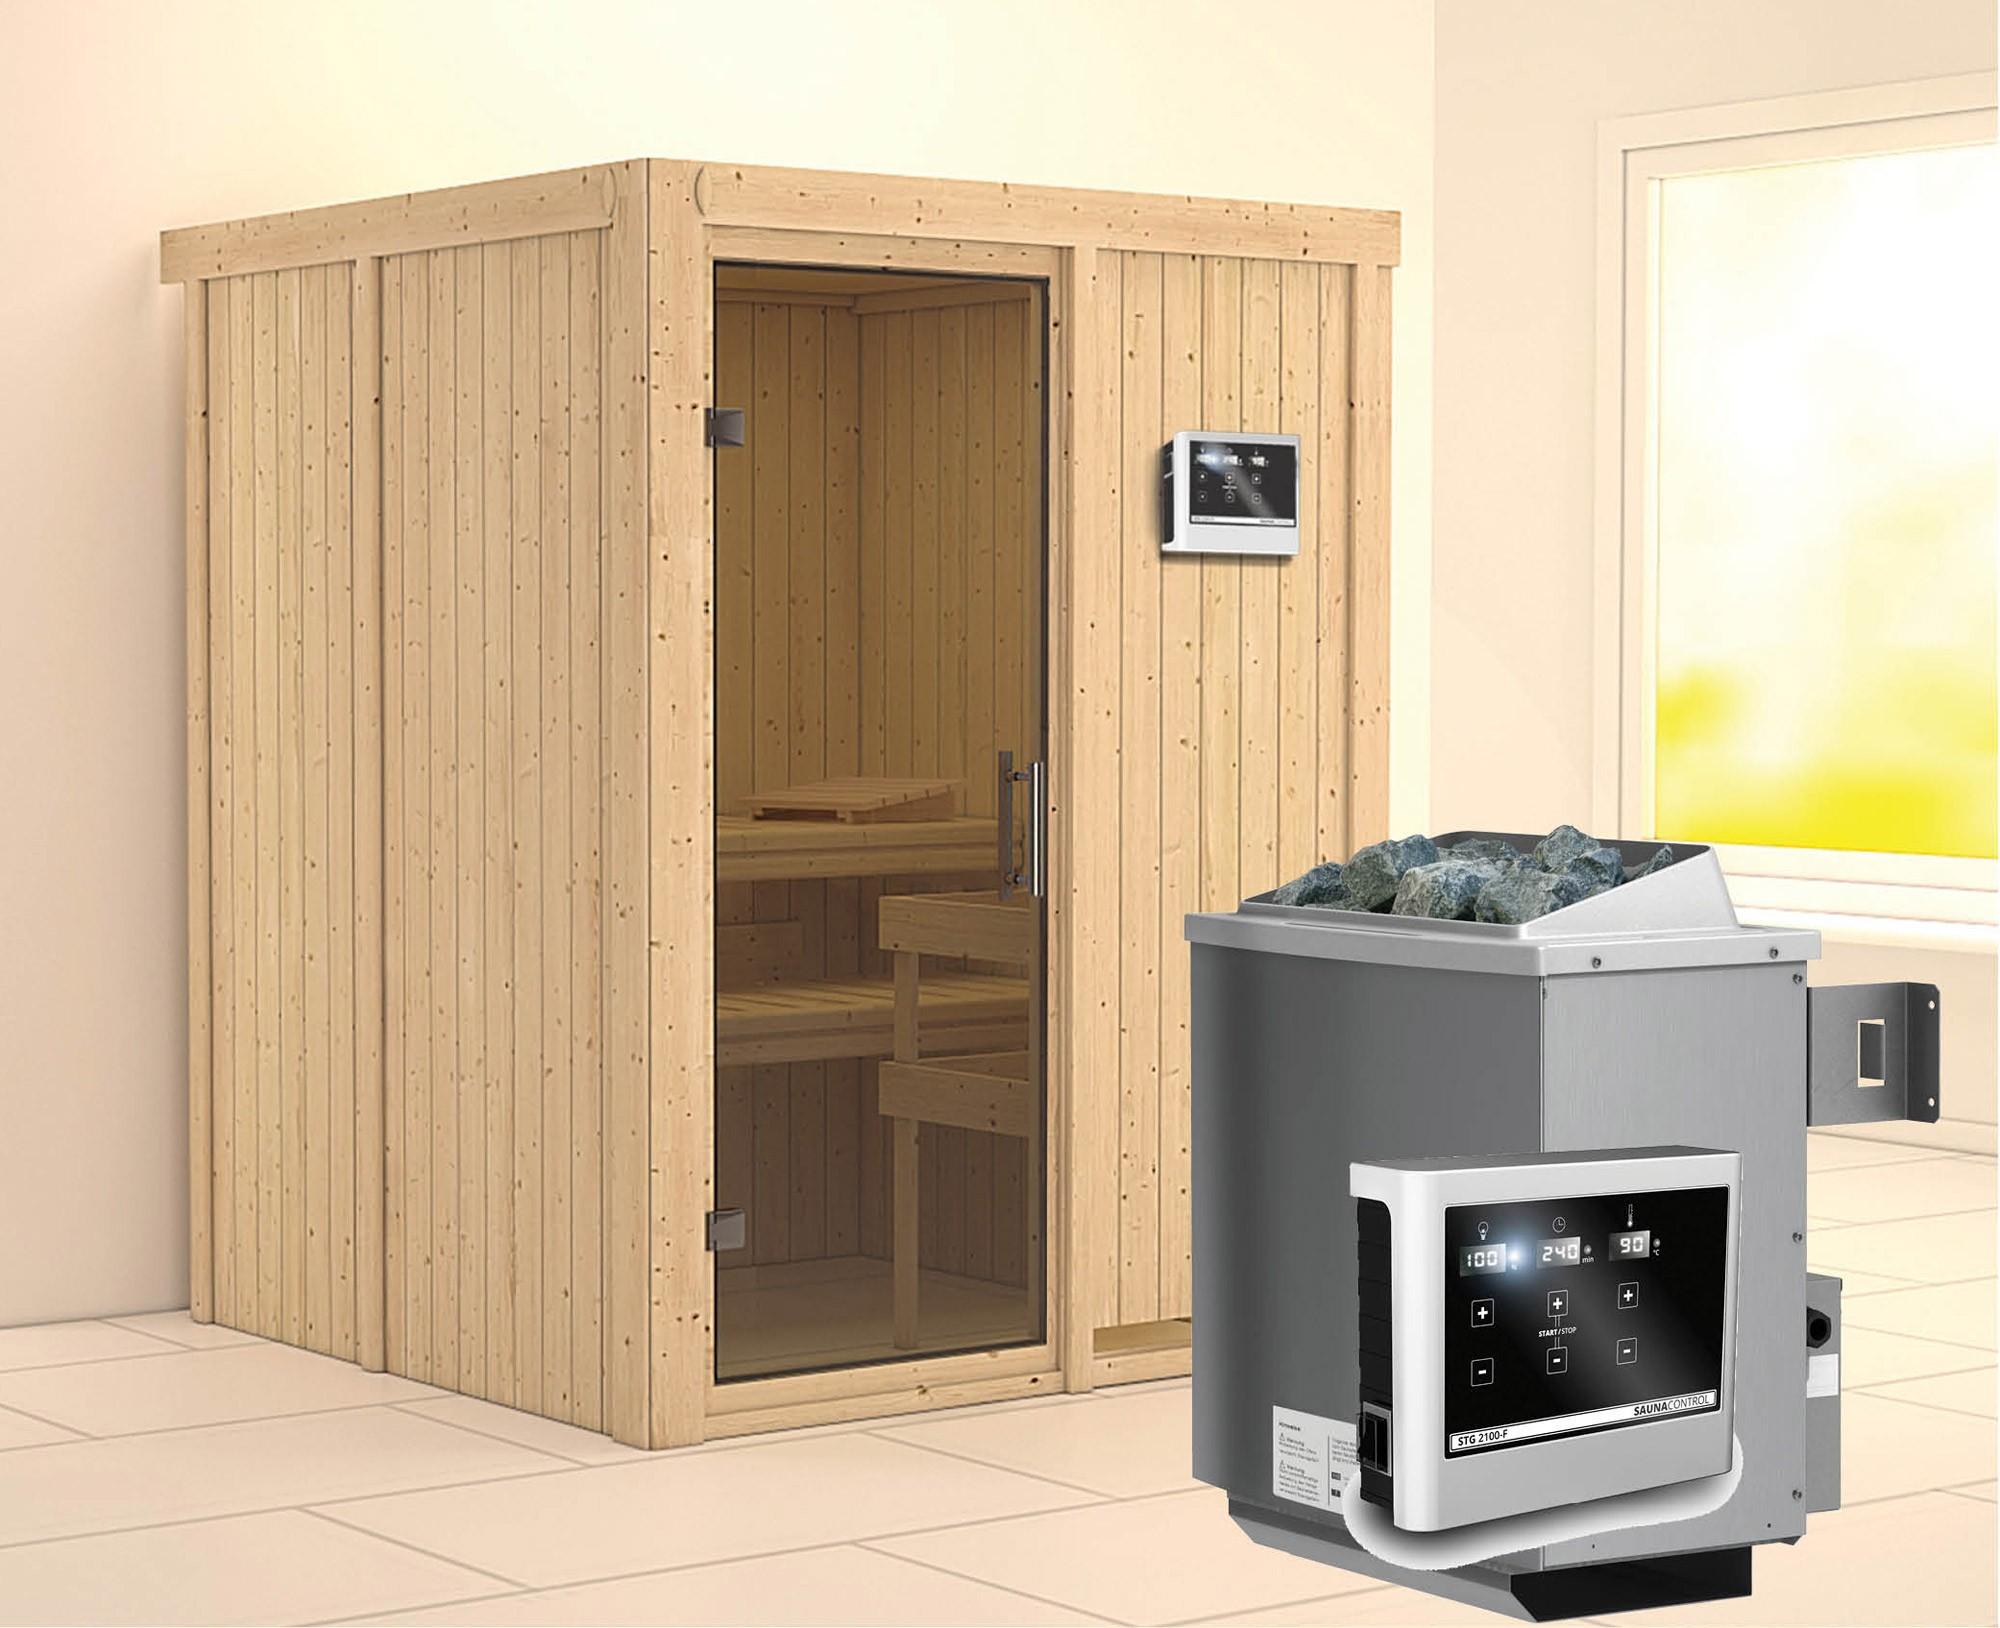 Karibu Sauna Norin 68mm mit Saunaofen 9kW extern moderne Tür Bild 1